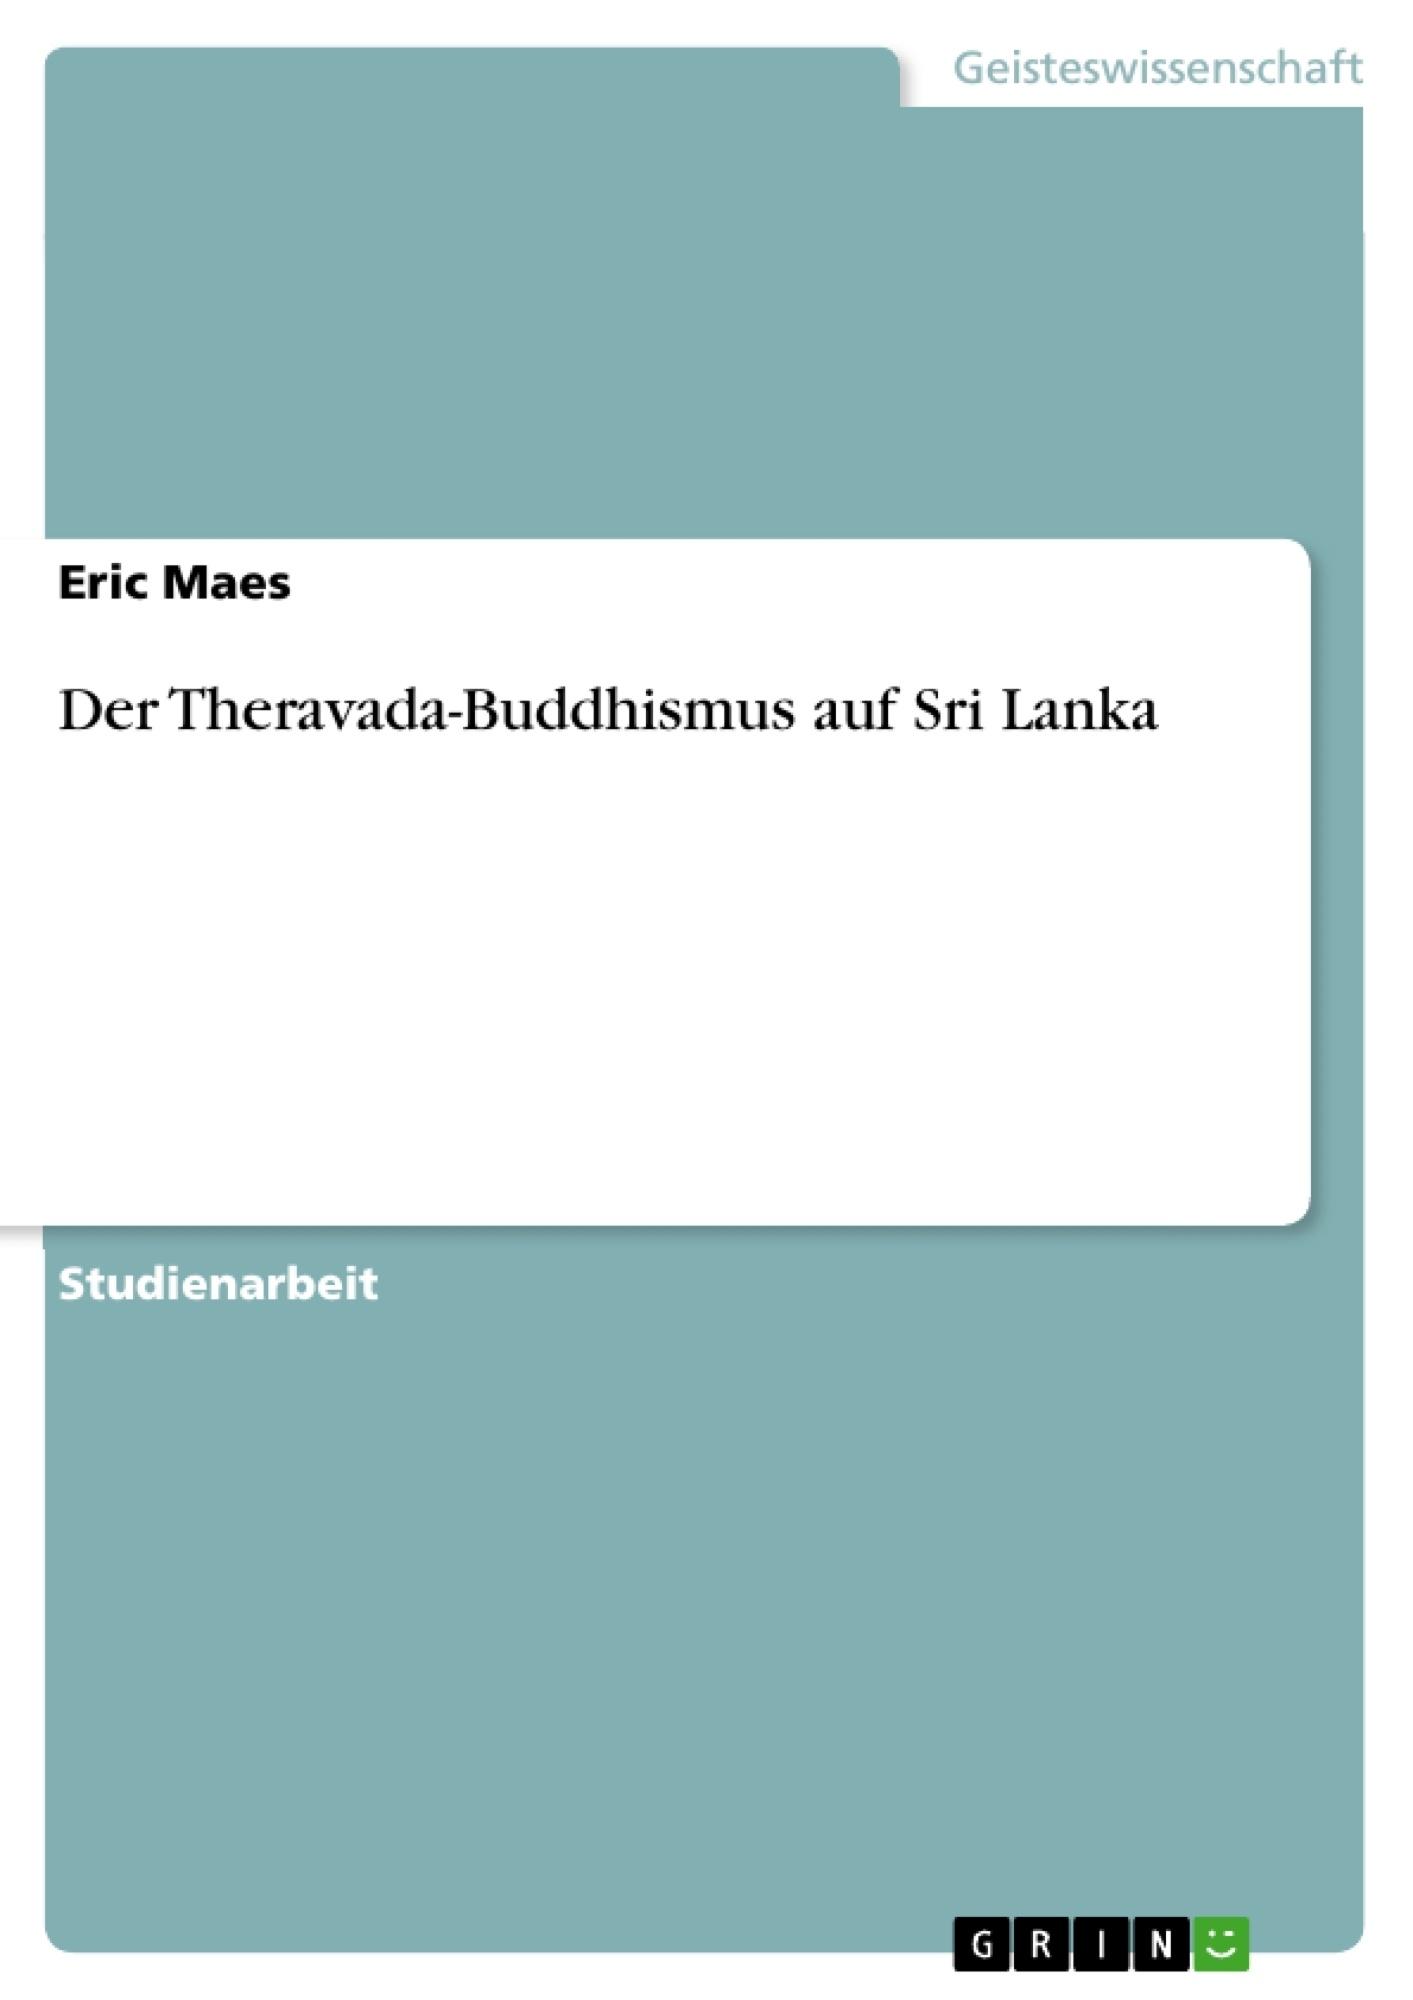 Titel: Der Theravada-Buddhismus auf Sri Lanka